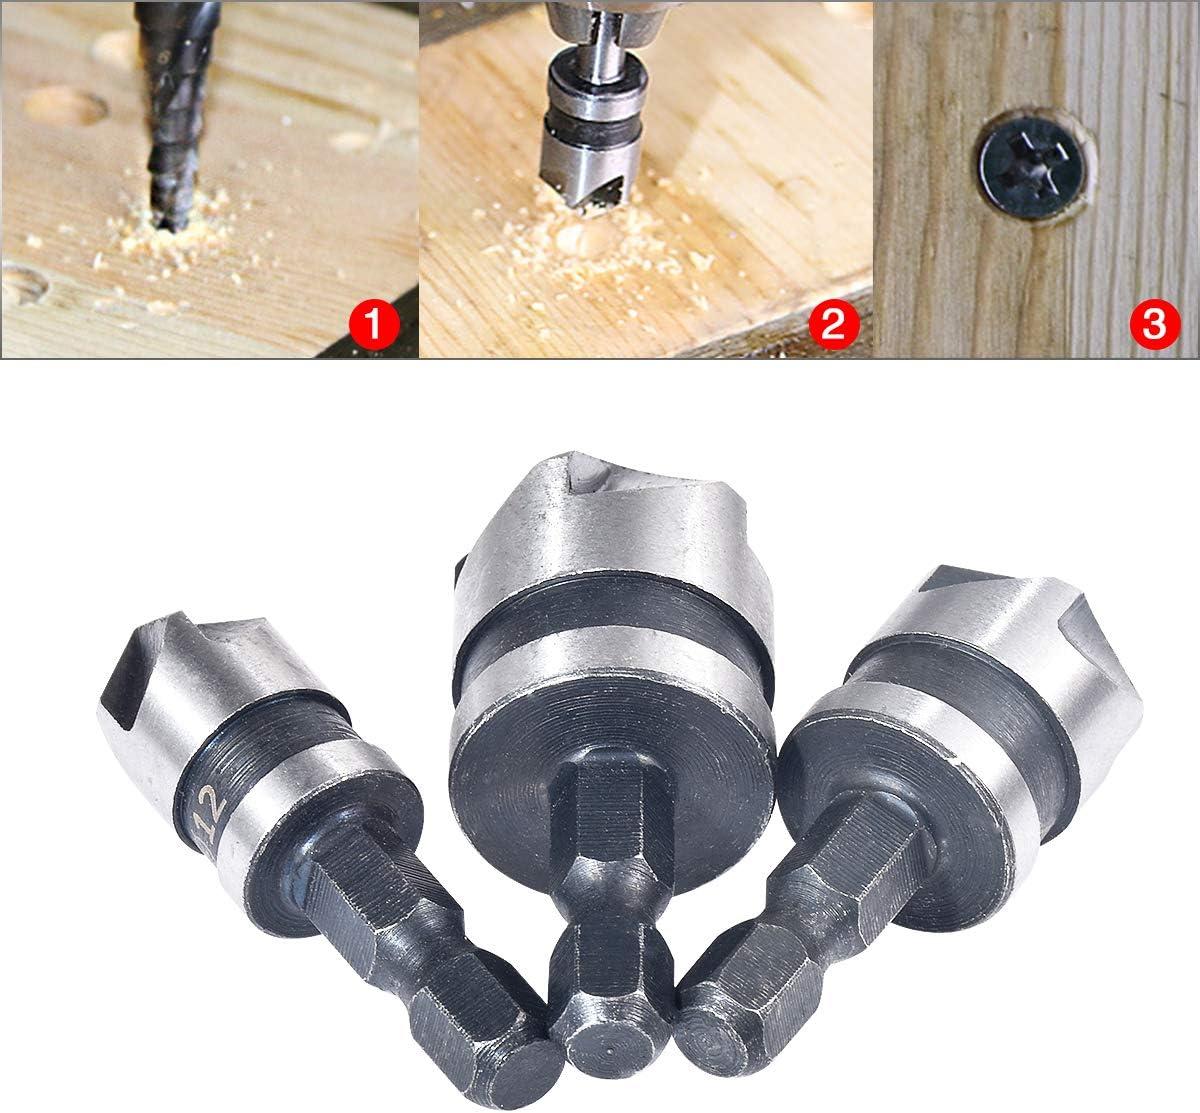 Size : 3.2mm Drill Bits Twist Drill Bits 1mm-8.5mm HSS Twist Drill Bit Auger Bit straight Shank for Electrical Drill Drill Tool LLLNHQ